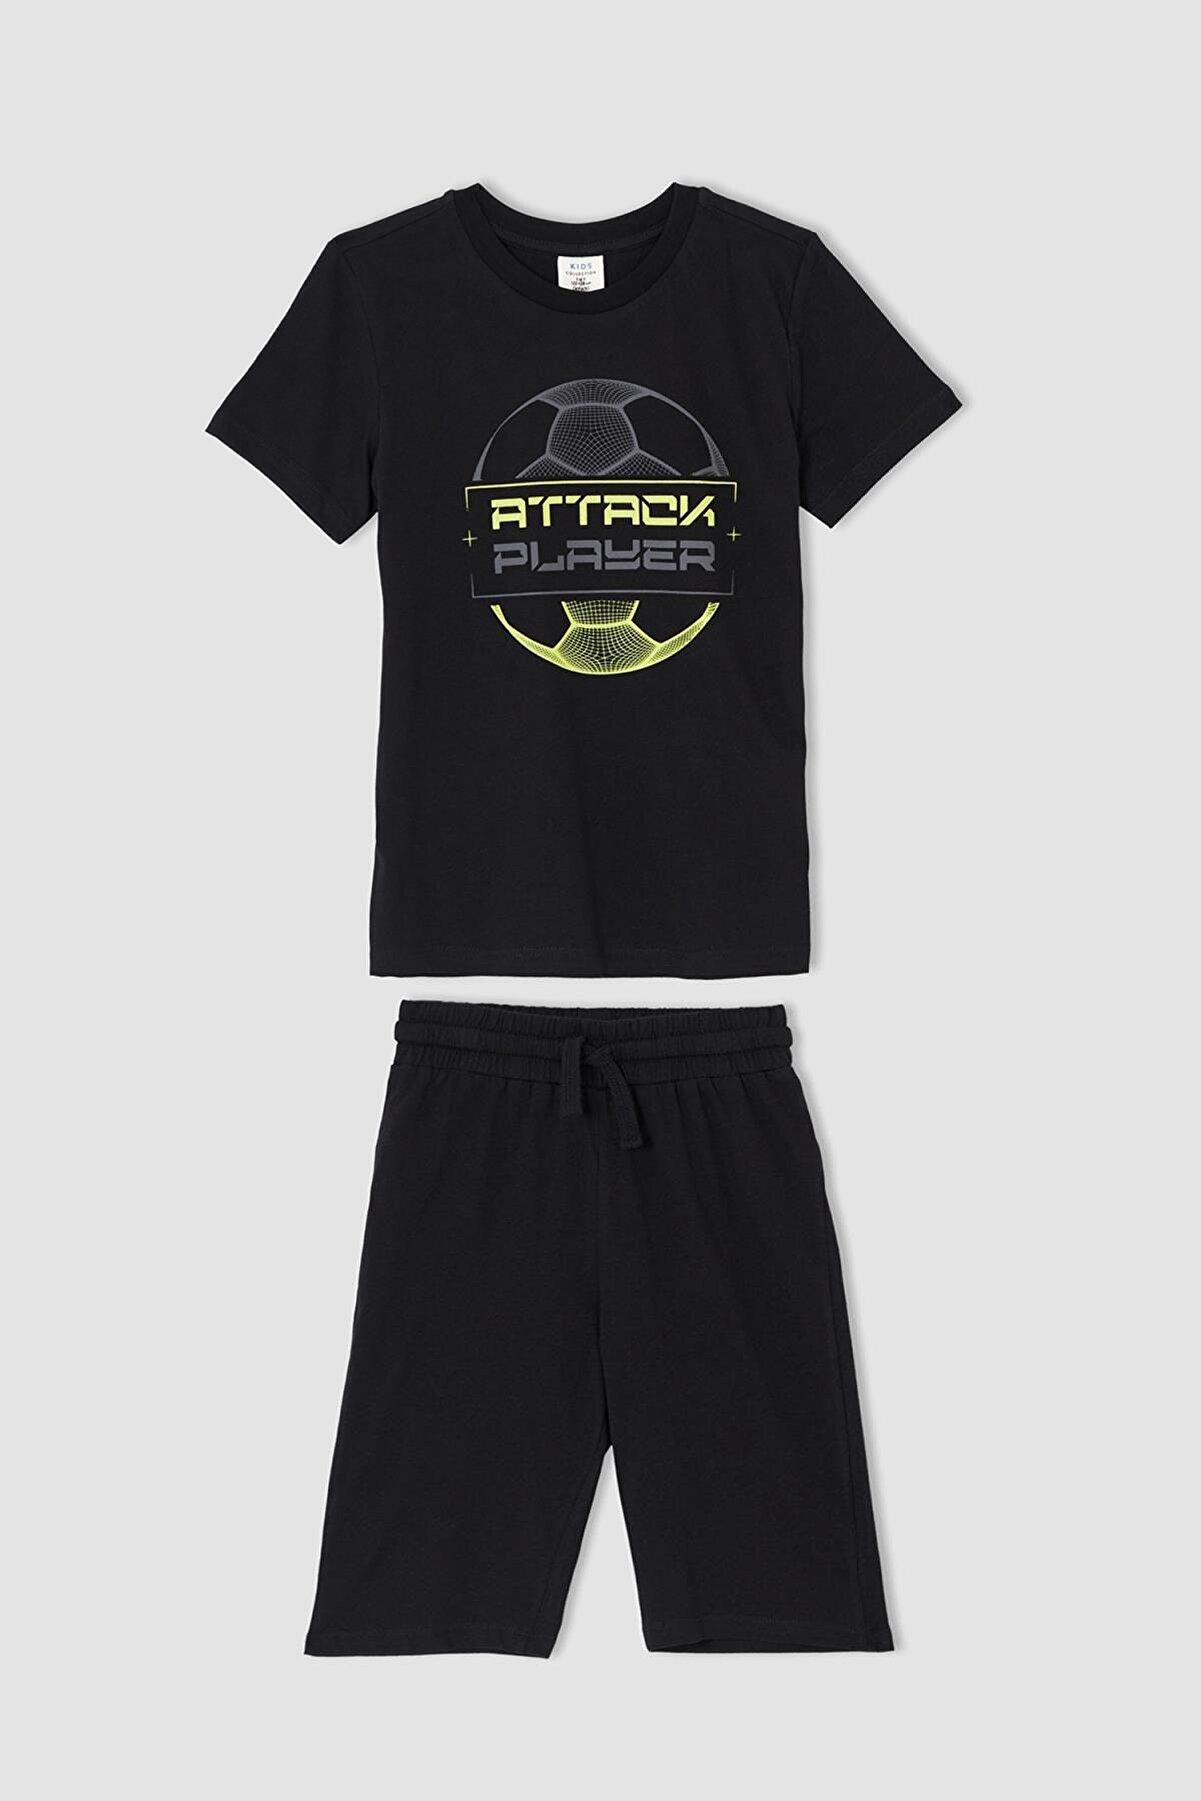 Defacto Erkek Çocuk Baskılı Kısa Kollu Tişört Ve Şort Takımı V6367A621HS